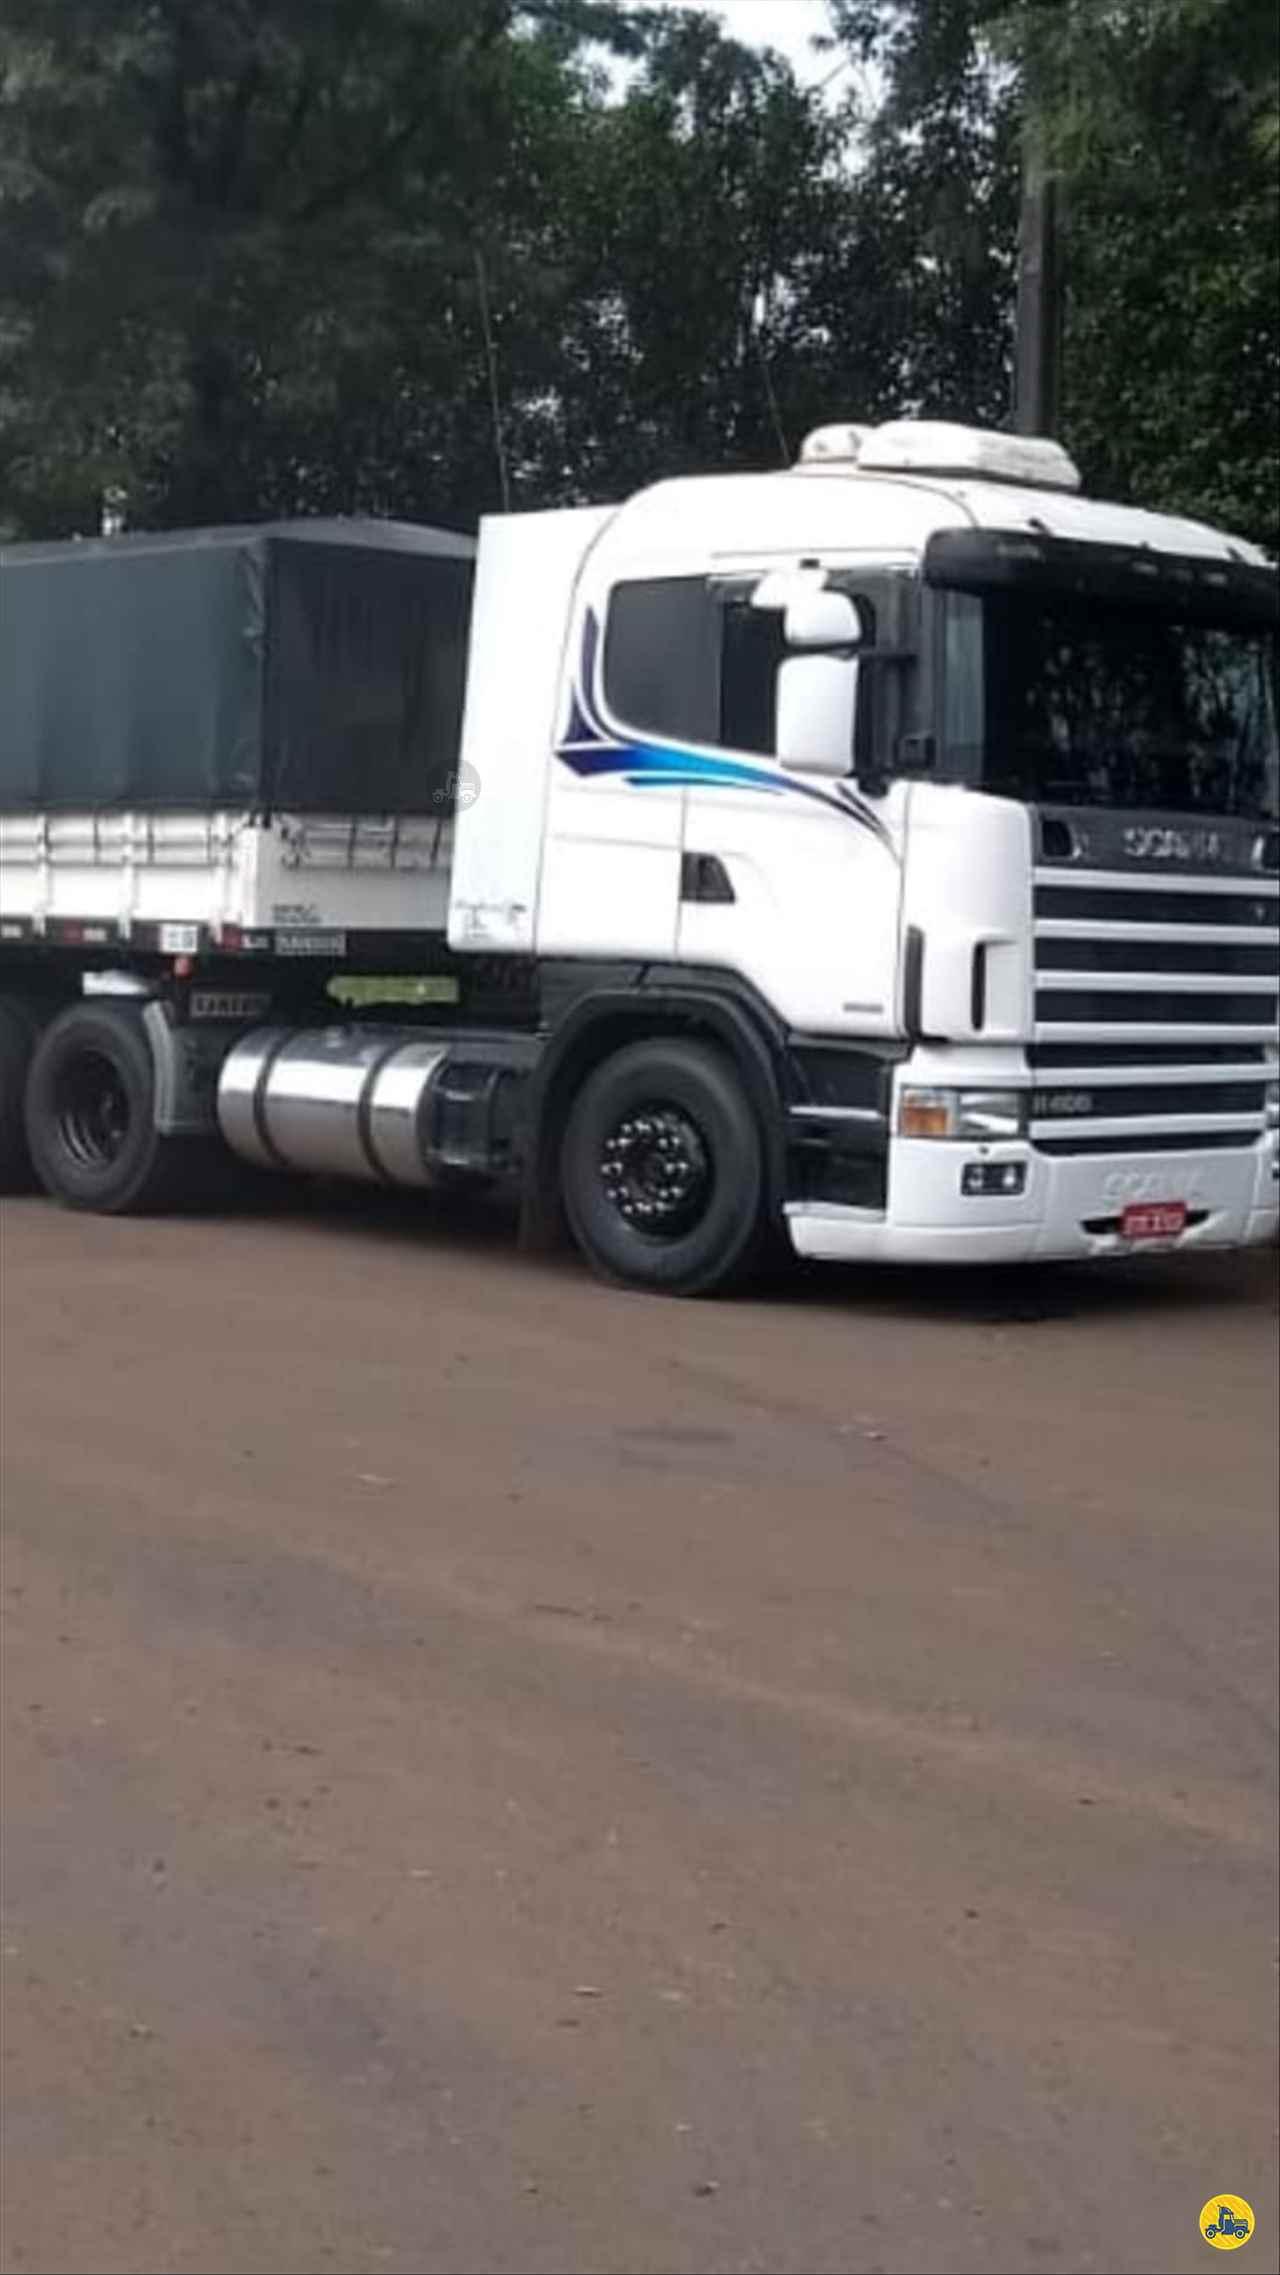 CAMINHAO SCANIA SCANIA 400 Cavalo Mecânico Truck 6x2 Usados Rio Verde Caminhões e Carretas RIO VERDE GOIAS GO